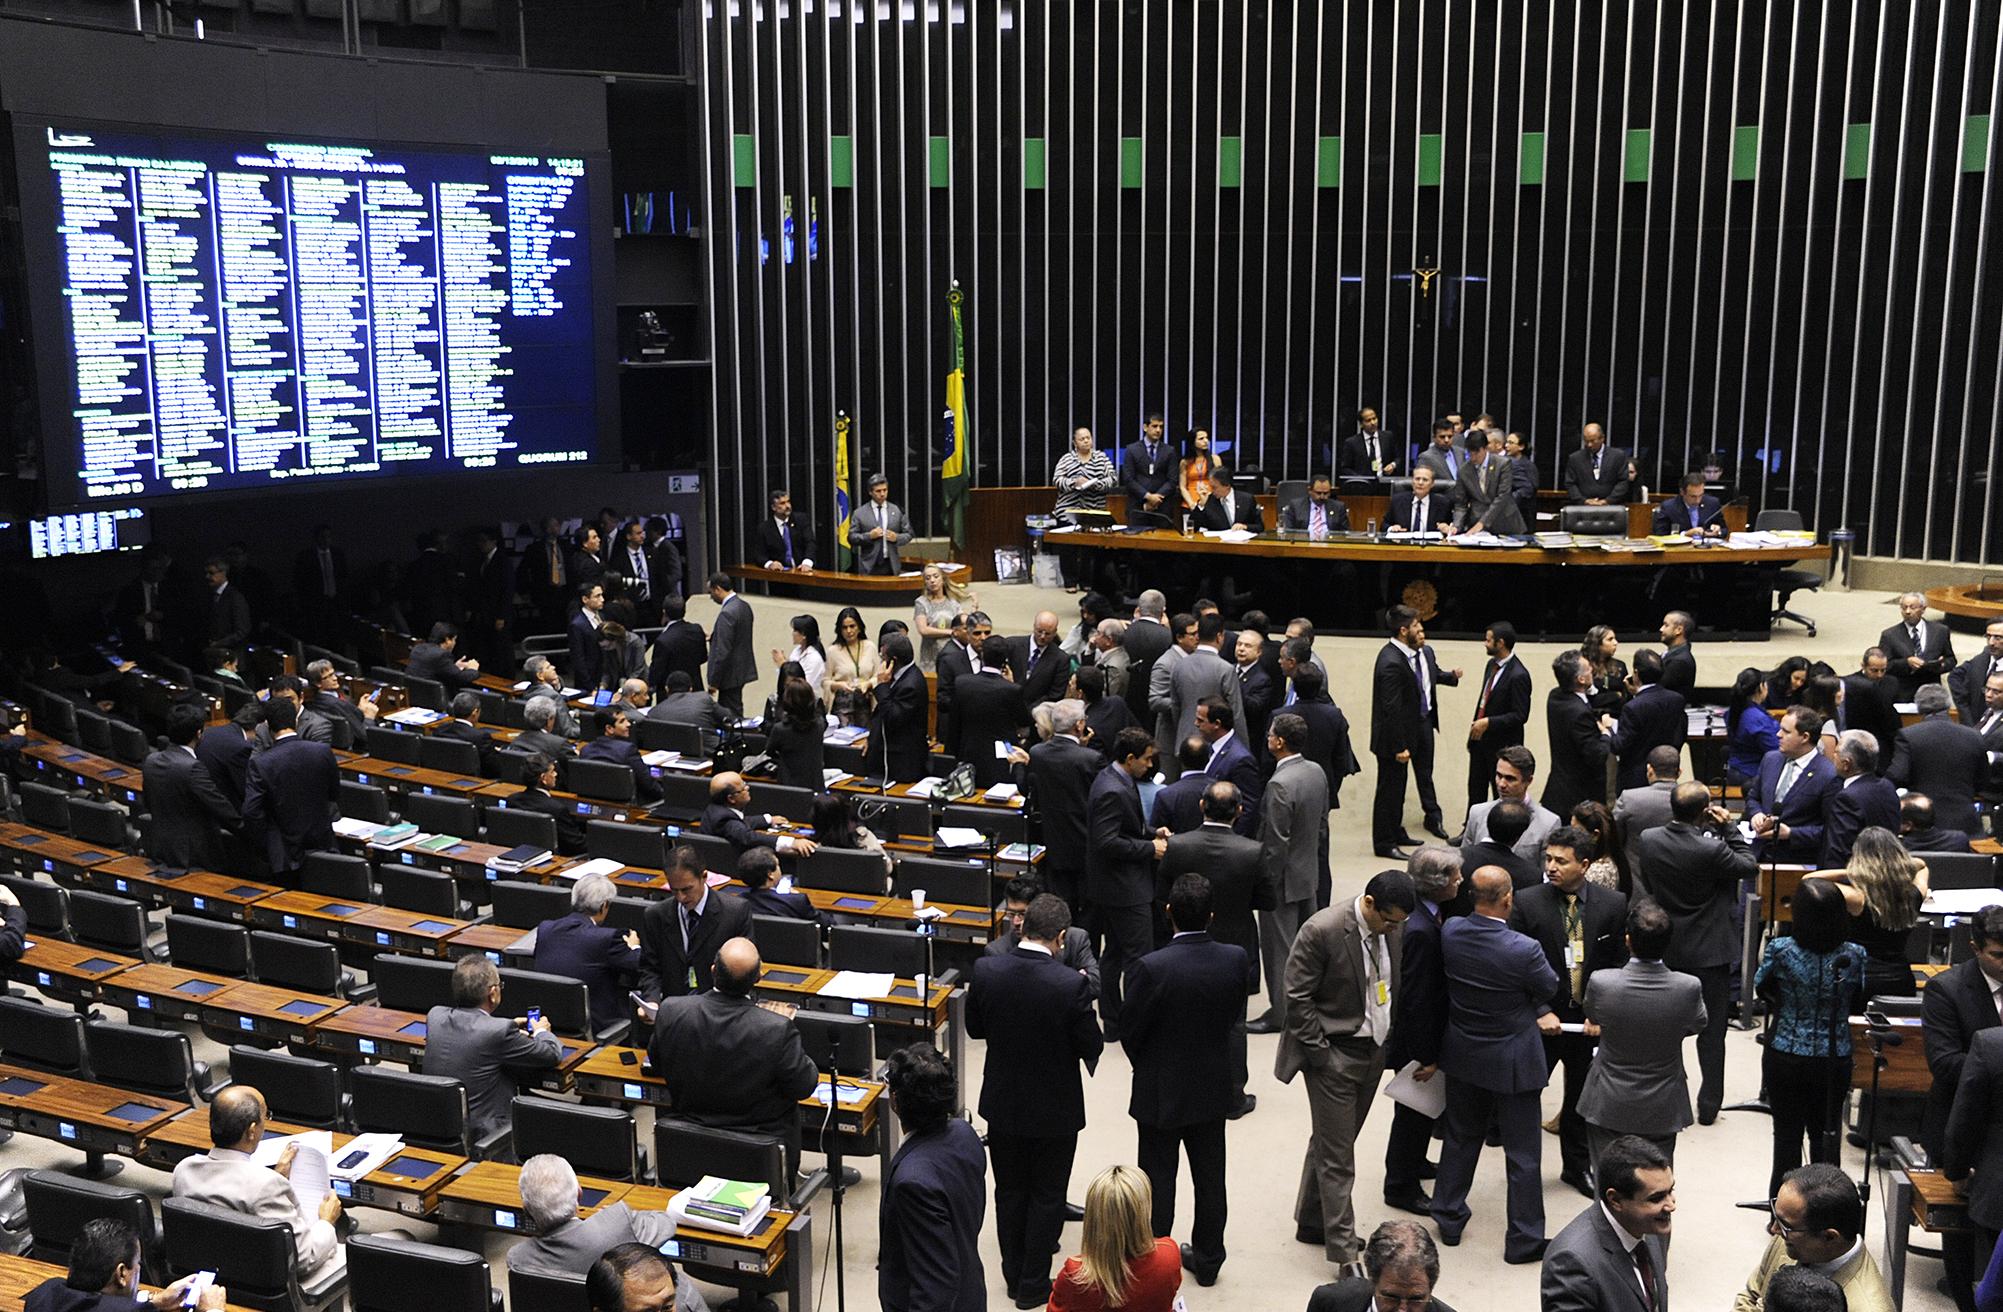 Congresso aprova revisão de meta fiscal do governo DILMA; deficit pode chegar a R$ 120 bi. Atualizada as 14.58 hs.